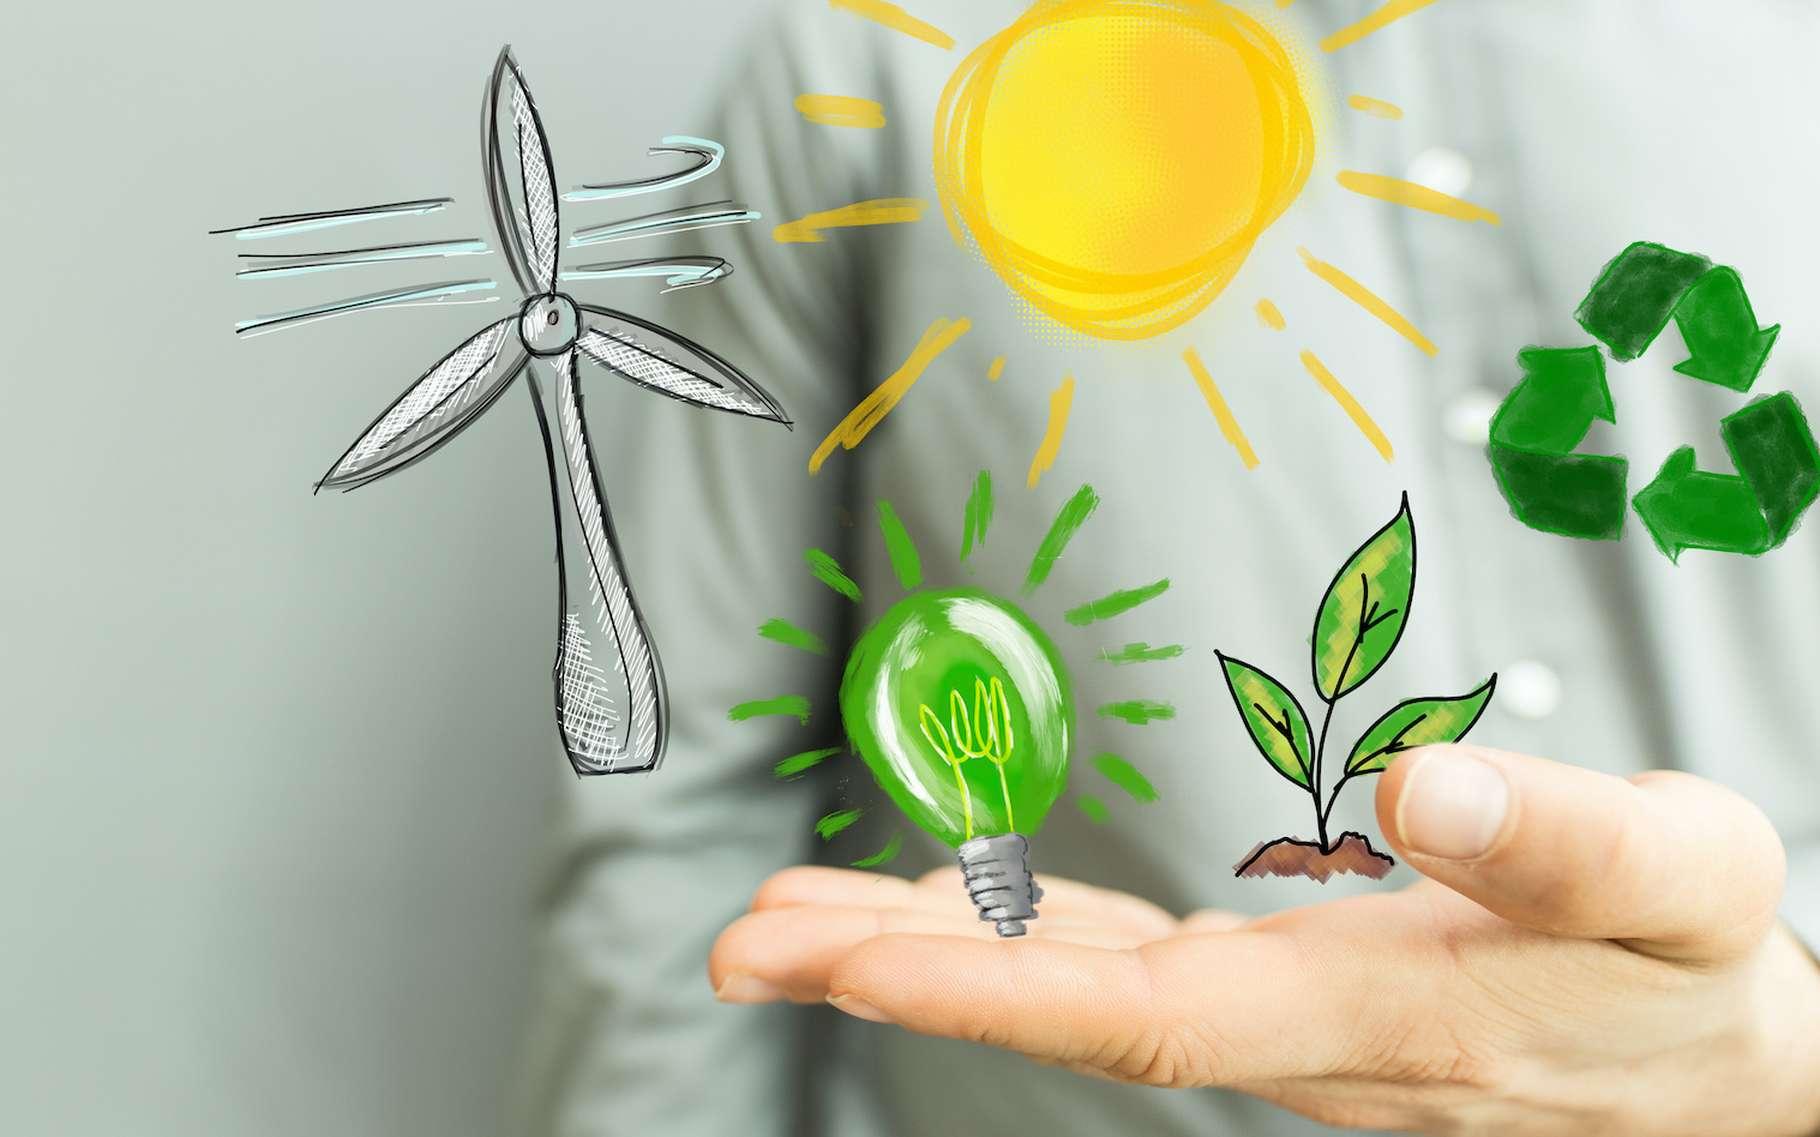 Selon les chercheurs, il est possible de faire se rejoindre les objectifs de réduction des émissions de gaz à effet de serre et les objectifs de développement durable. © vegefox.com, Adobe Stock